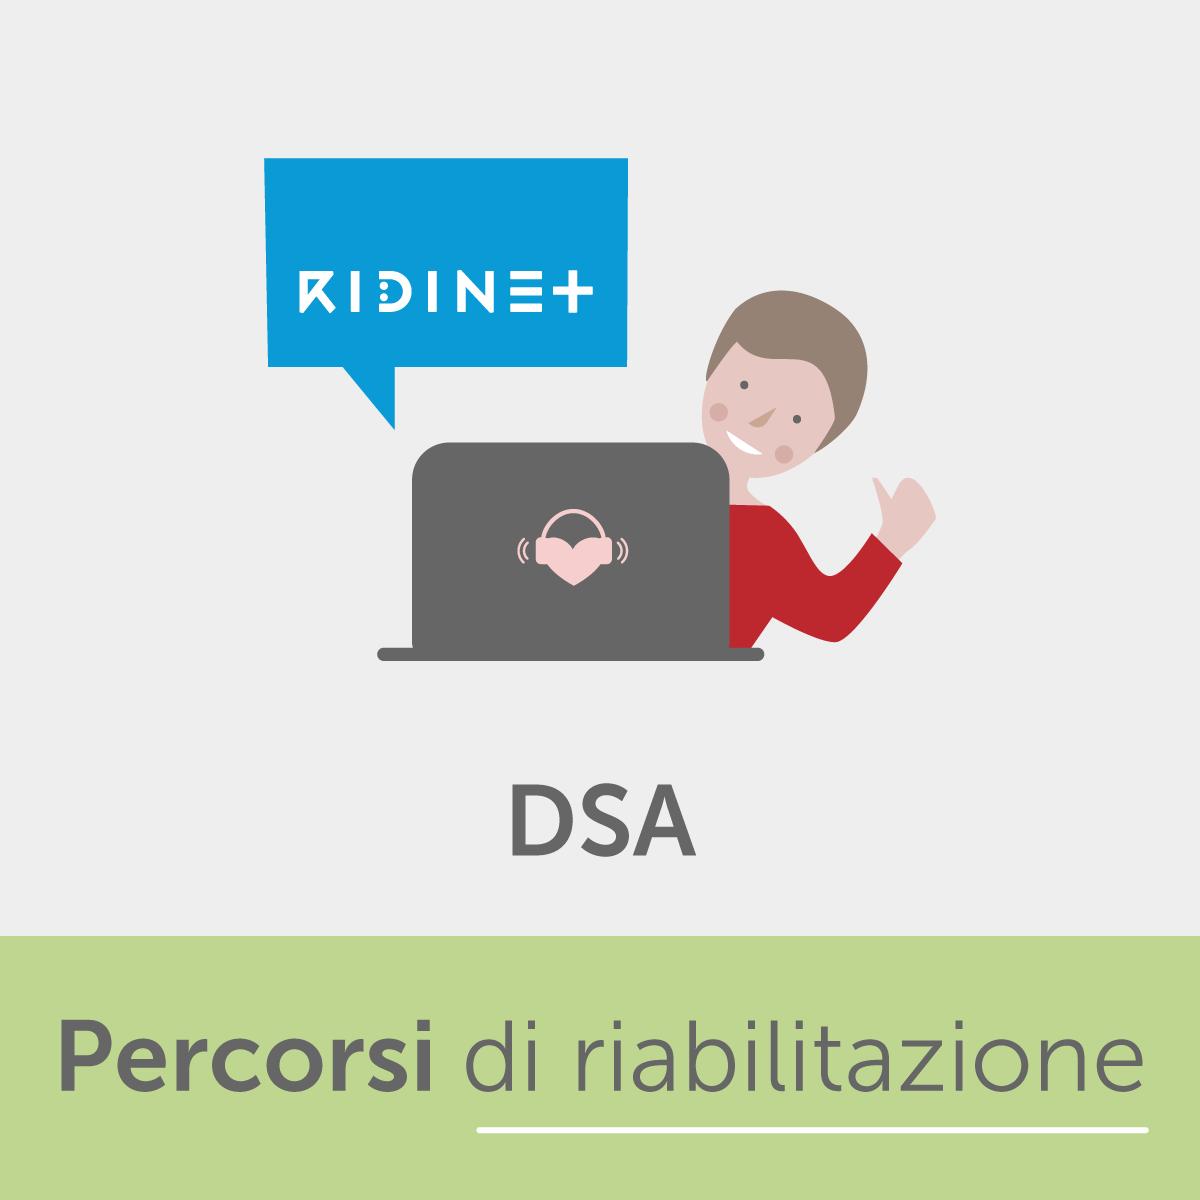 Riabilitazione DSA